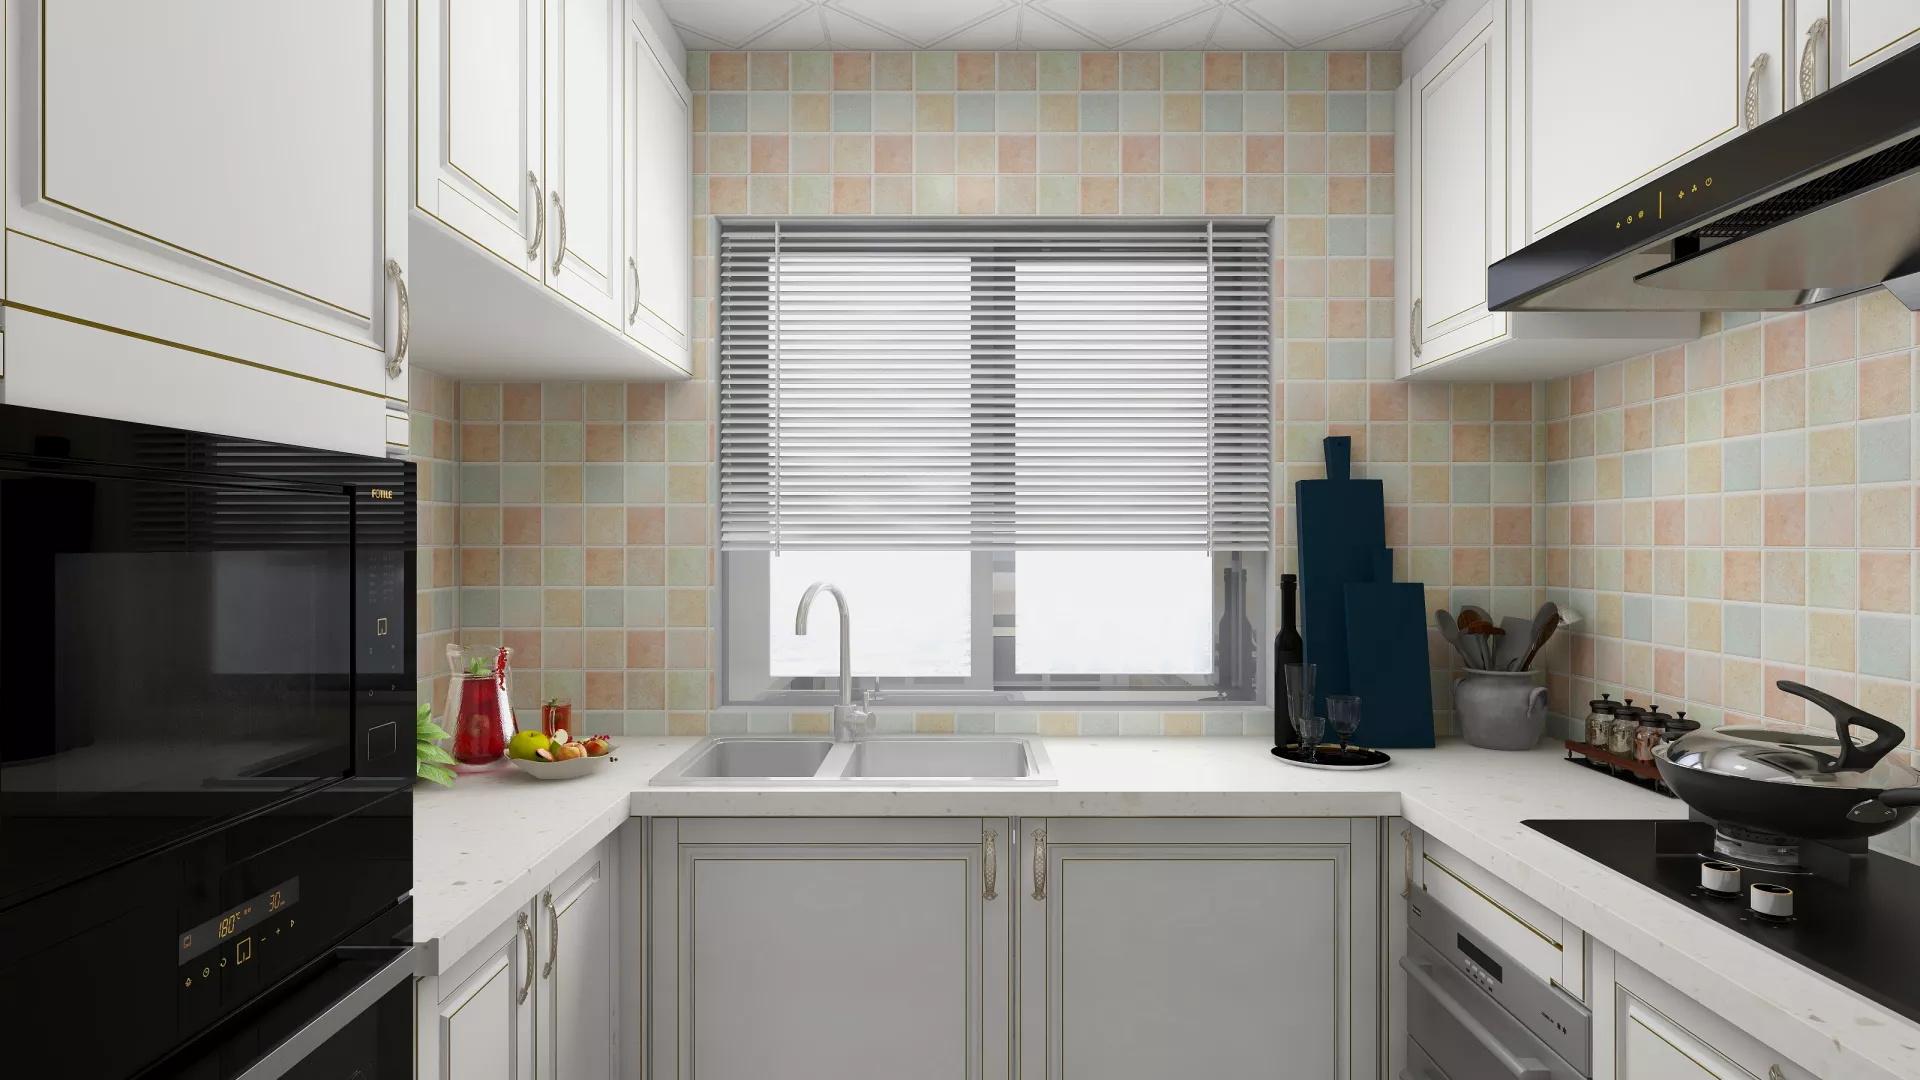 舒适简洁风格家居客厅装修效果图